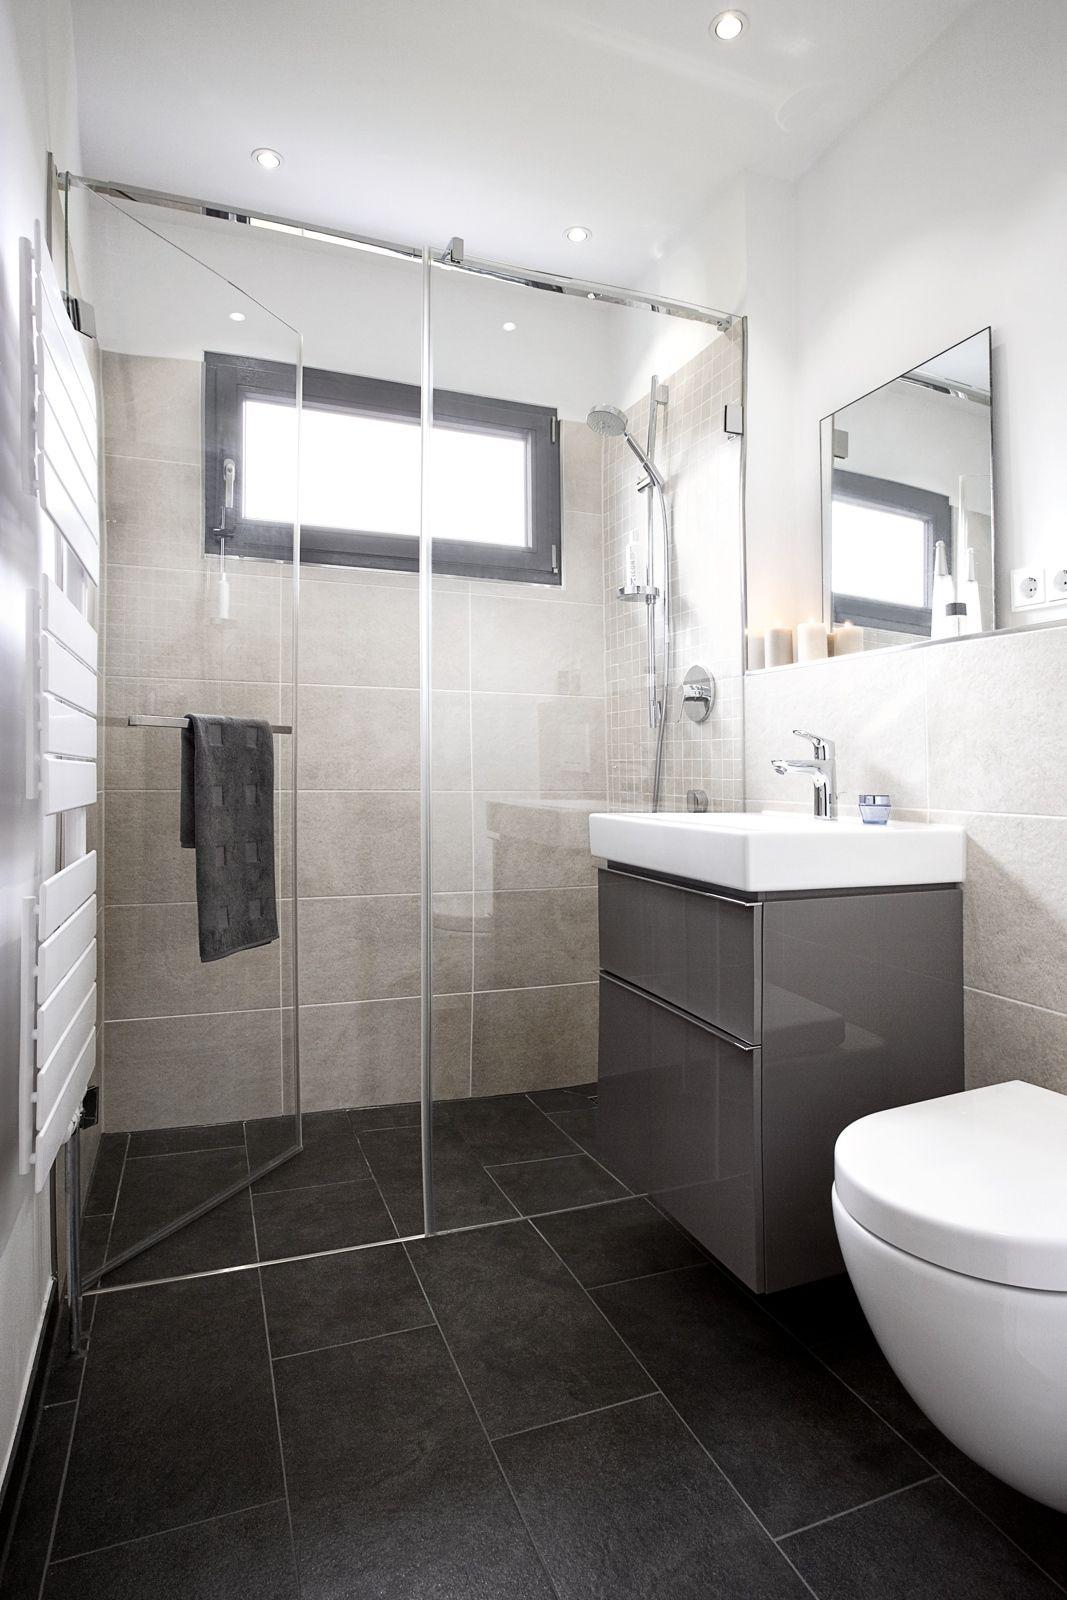 Bildergebnis für badezimmer 6 qm   Carreaux salle de bain ...